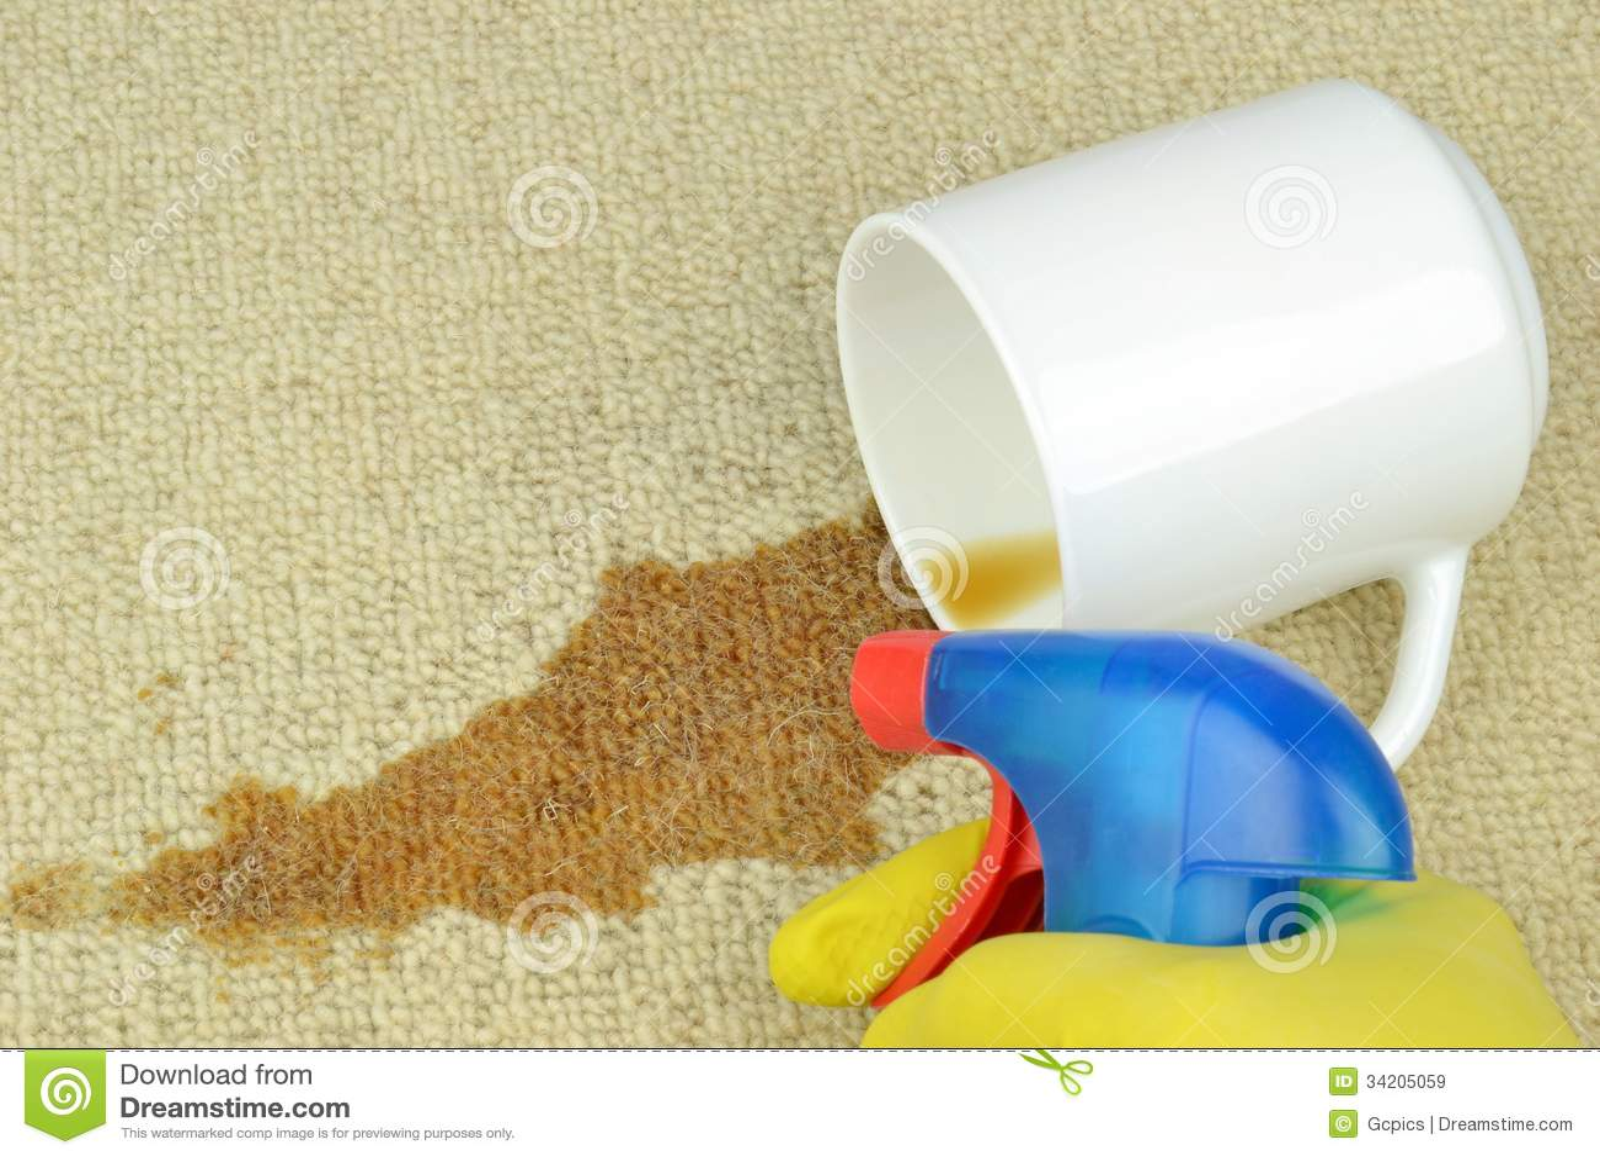 取消咖啡污点从地毯